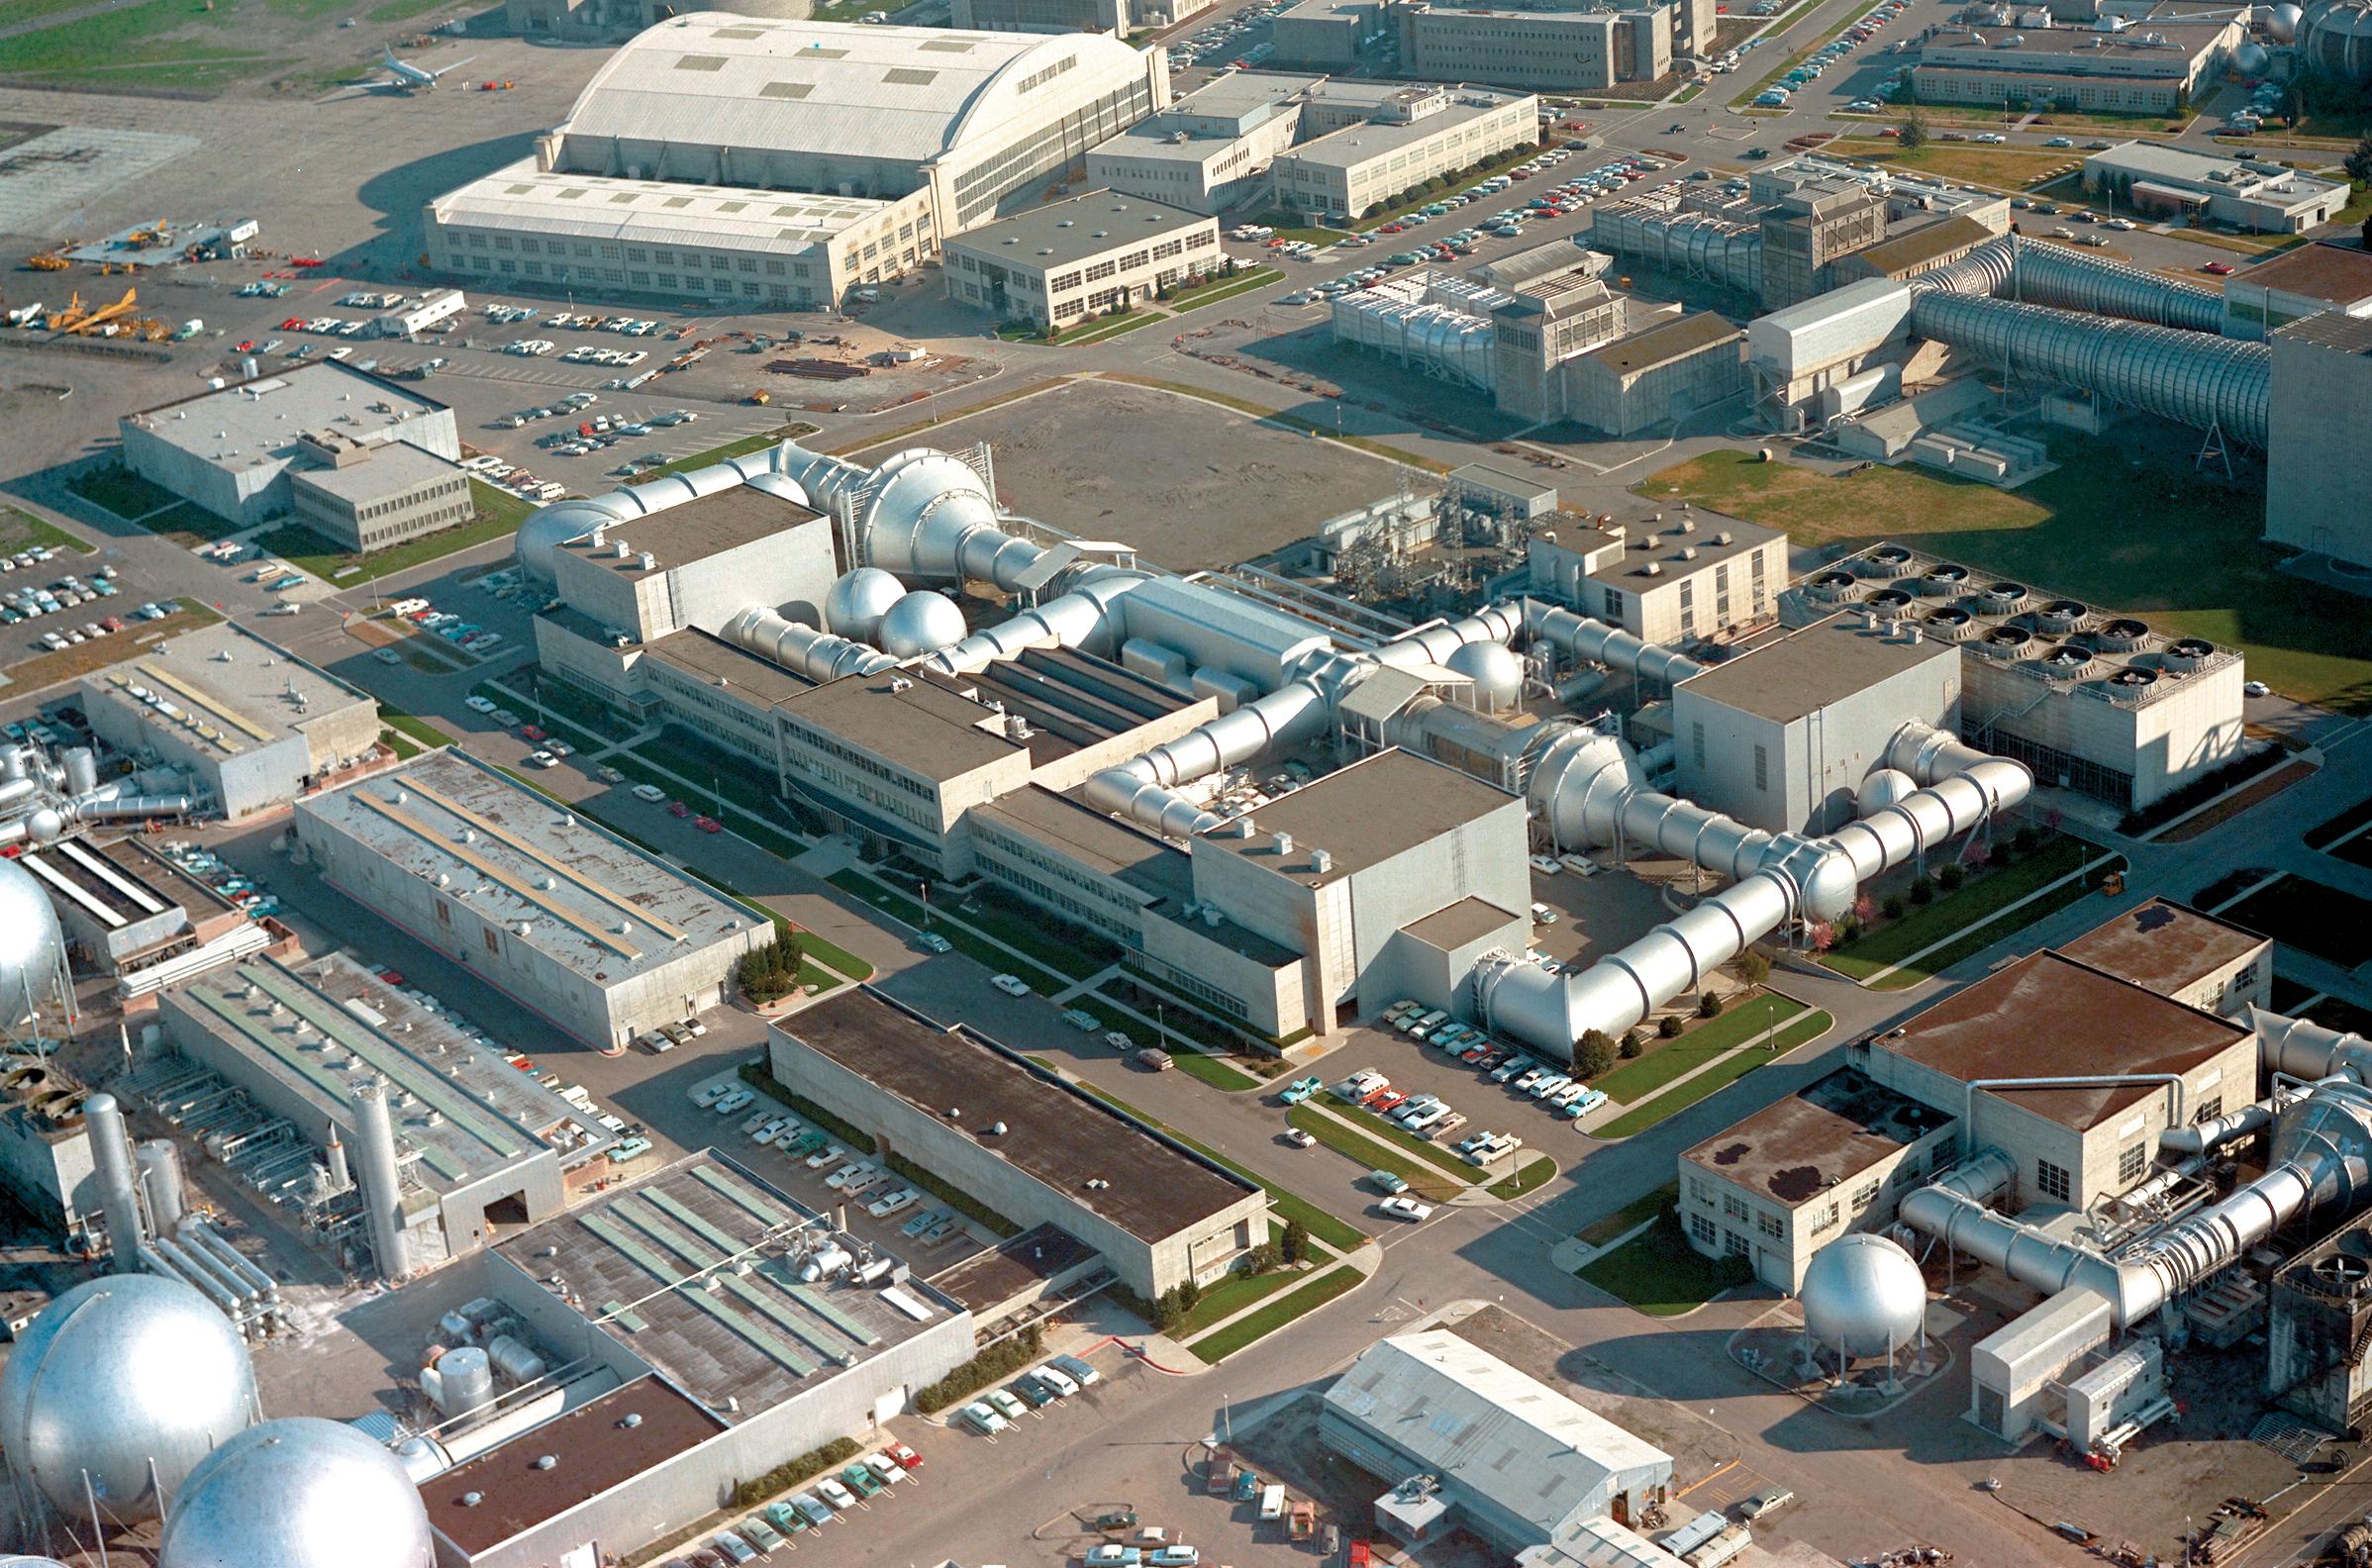 nasa aerial view of illinois - photo #46